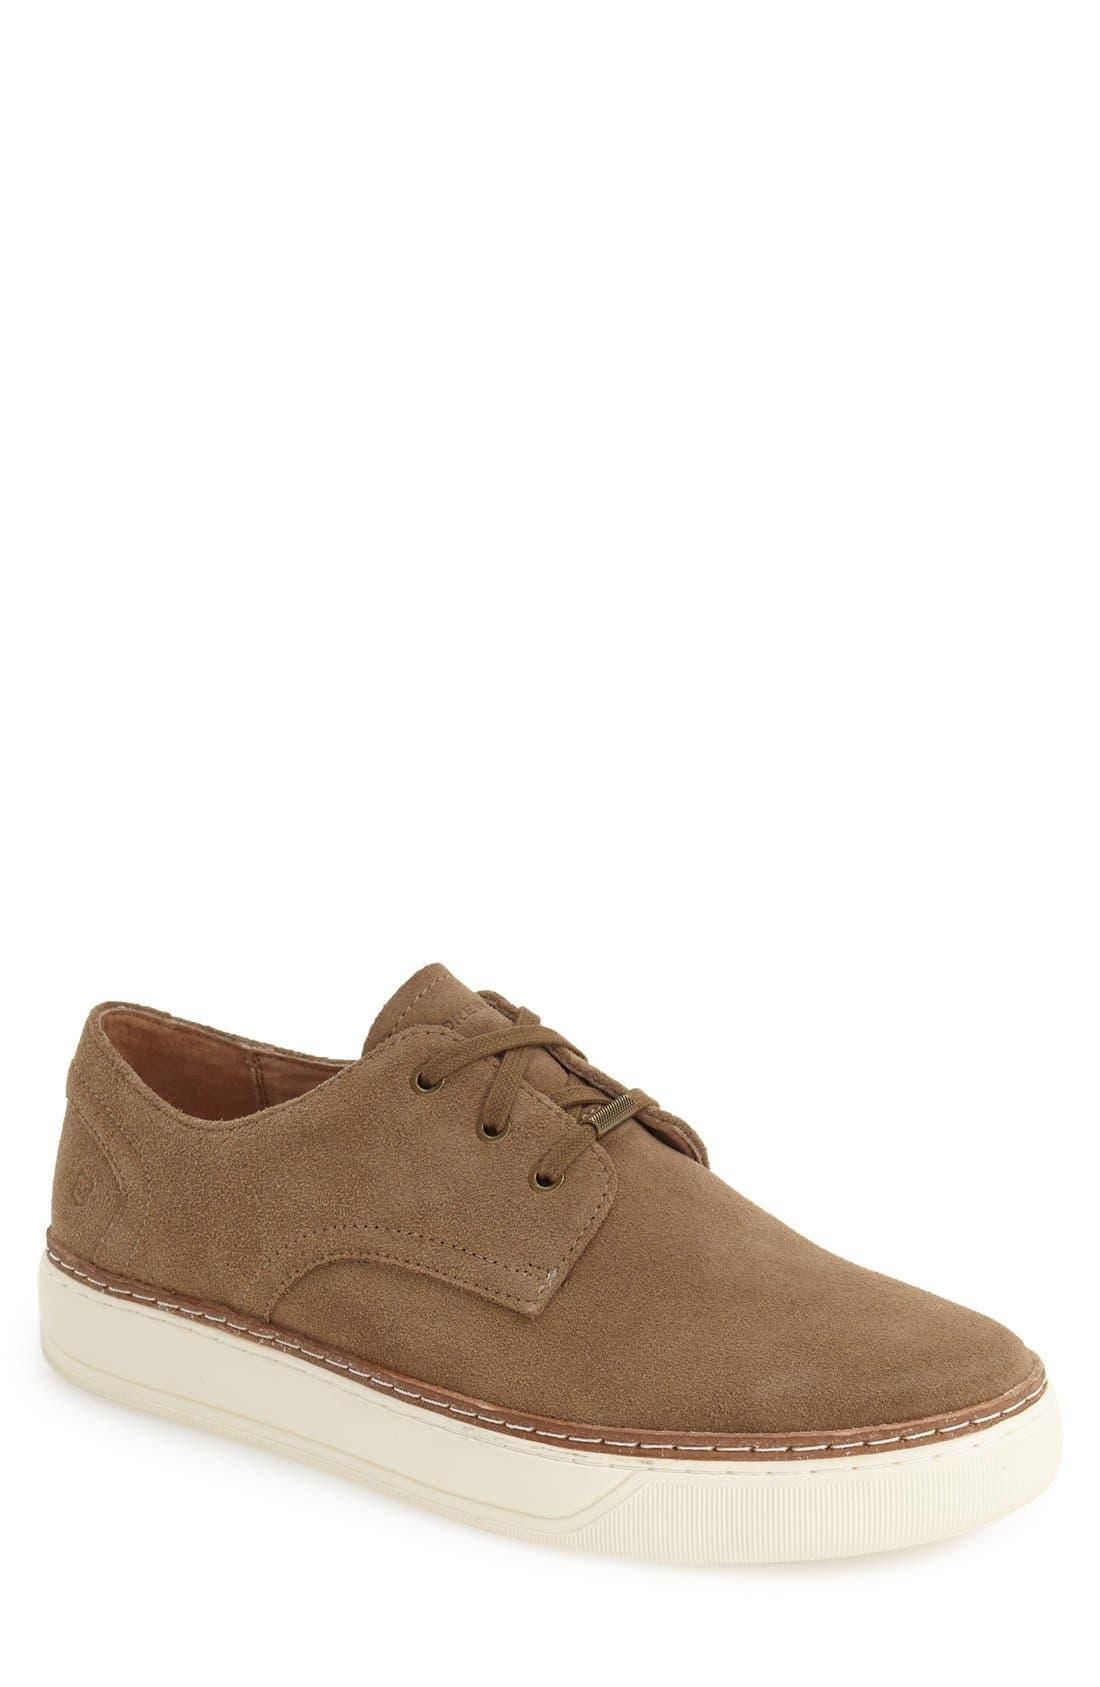 ANDREW MARC 'Edson' Sneaker